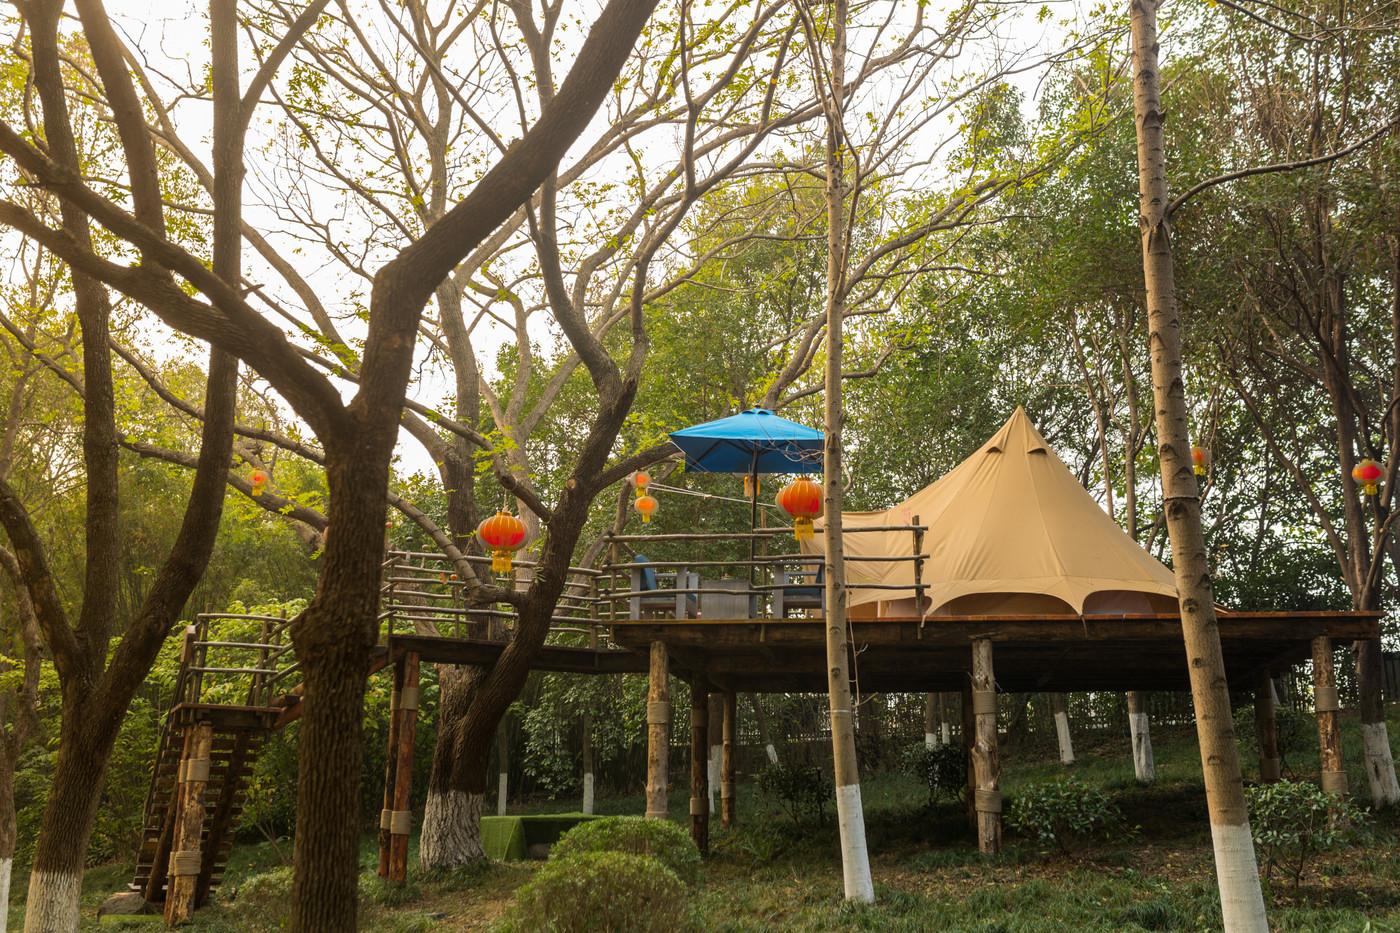 喜马拉雅野奢帐篷酒店—江苏常州天目湖树屋帐篷酒店20